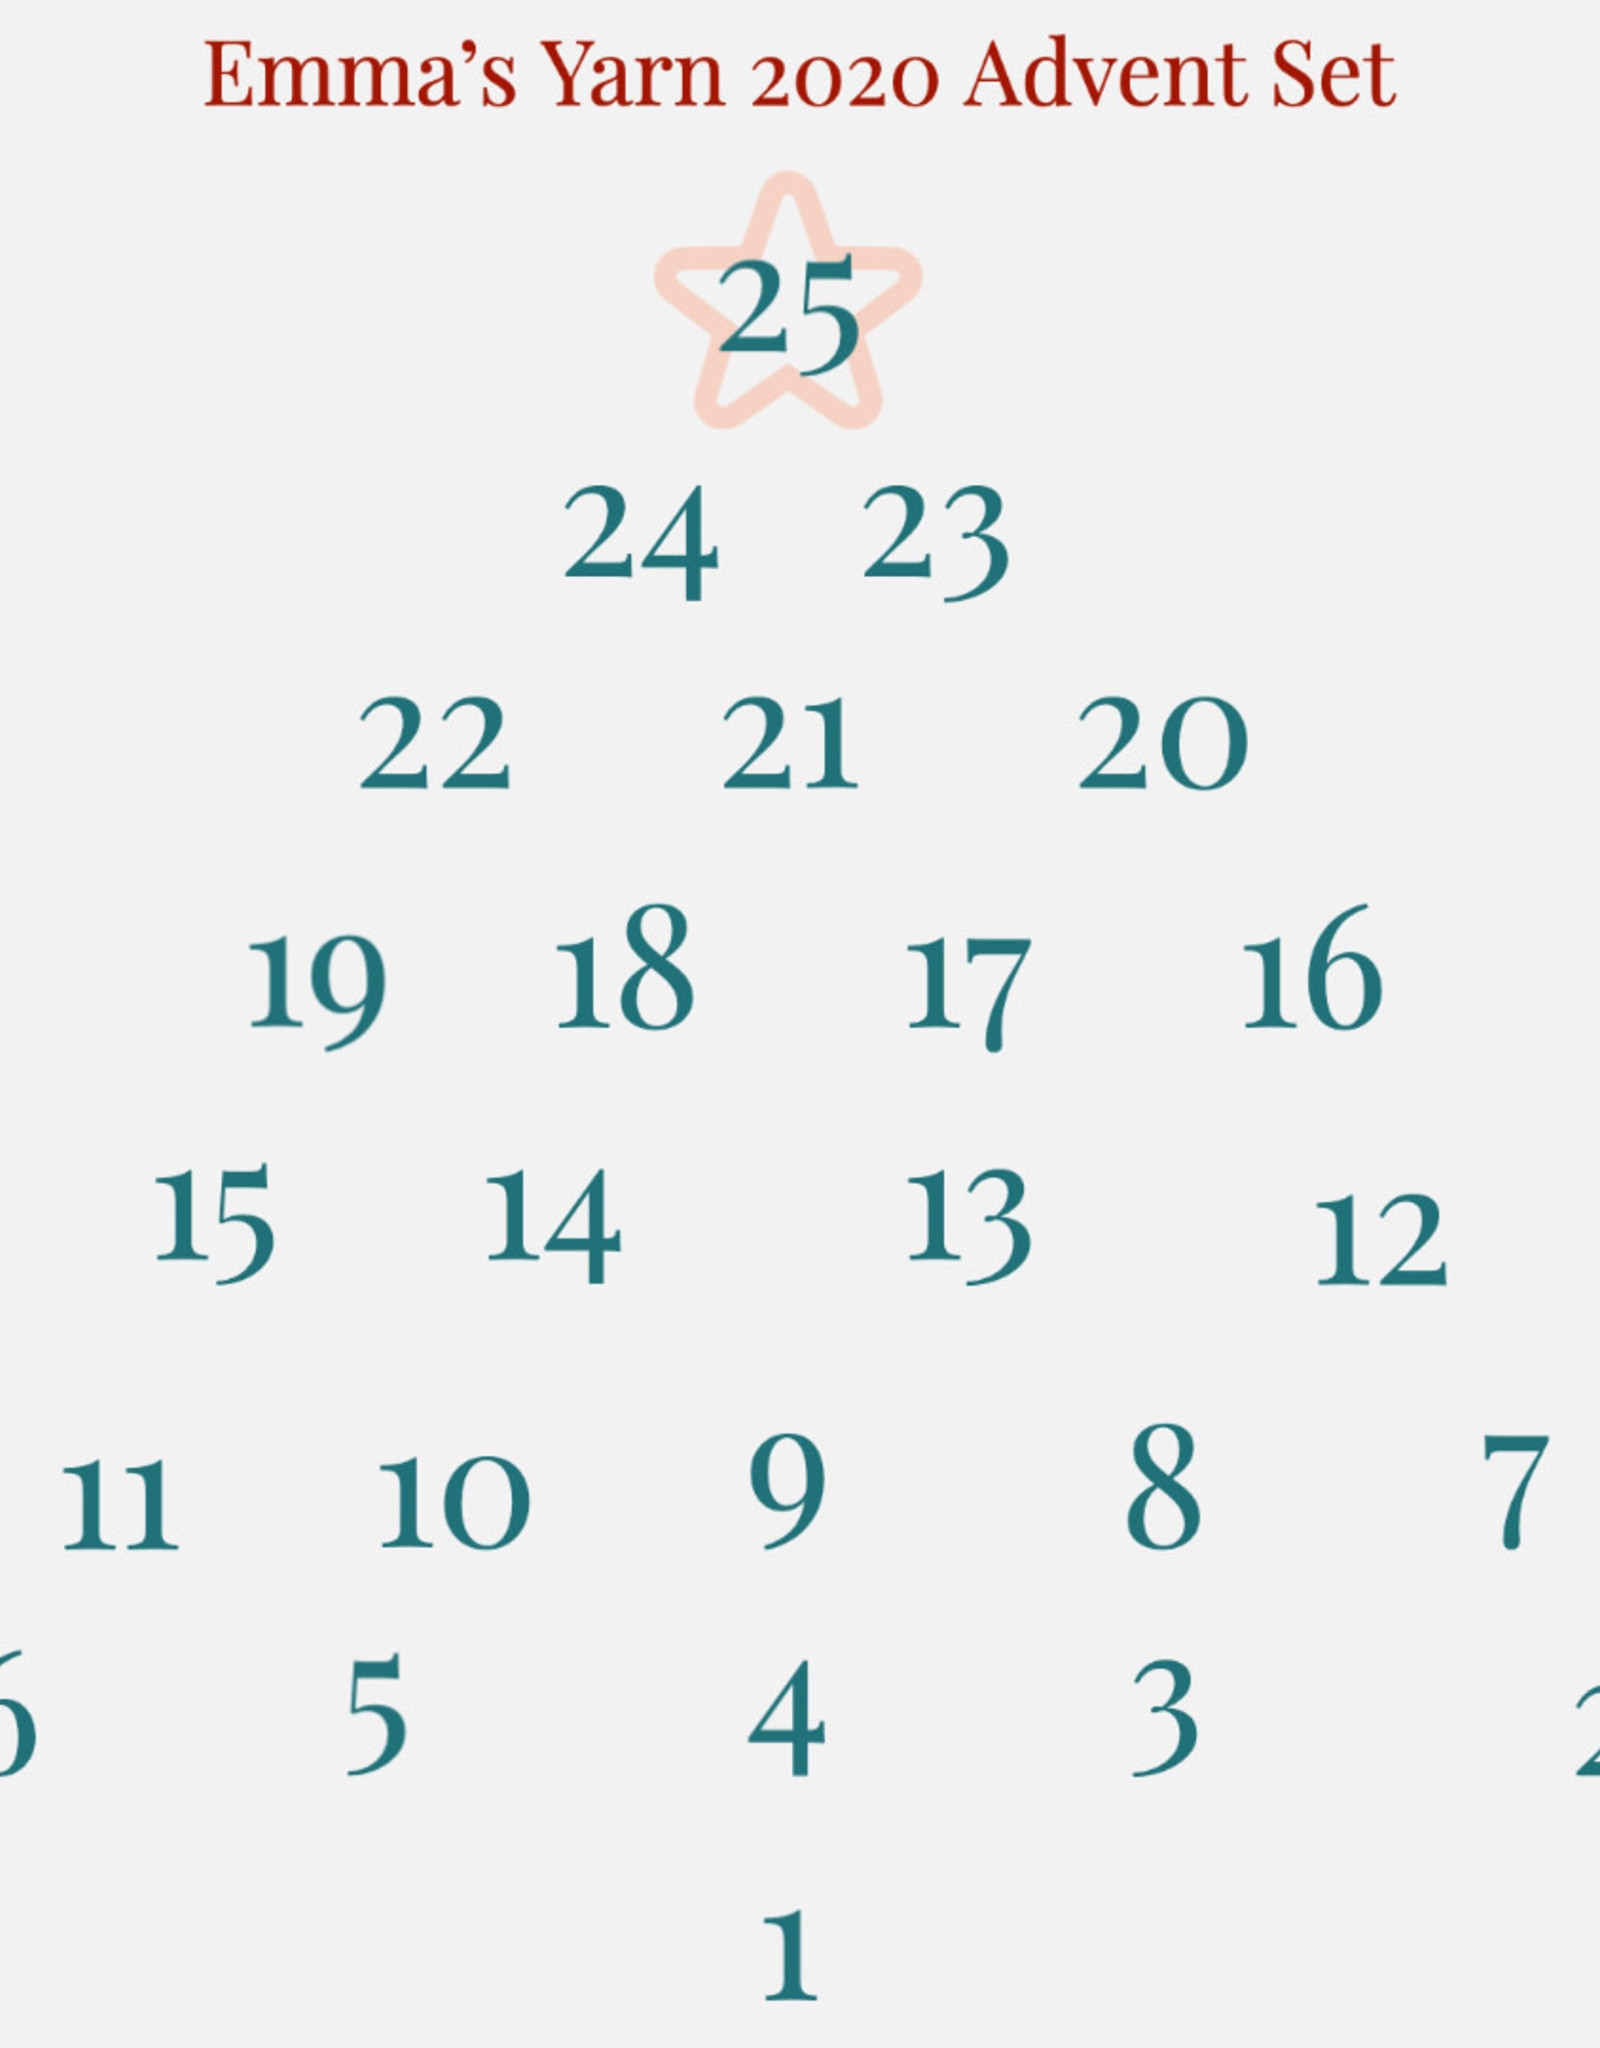 Emma's Yarn Emma's Yarn 2020 Advent Set